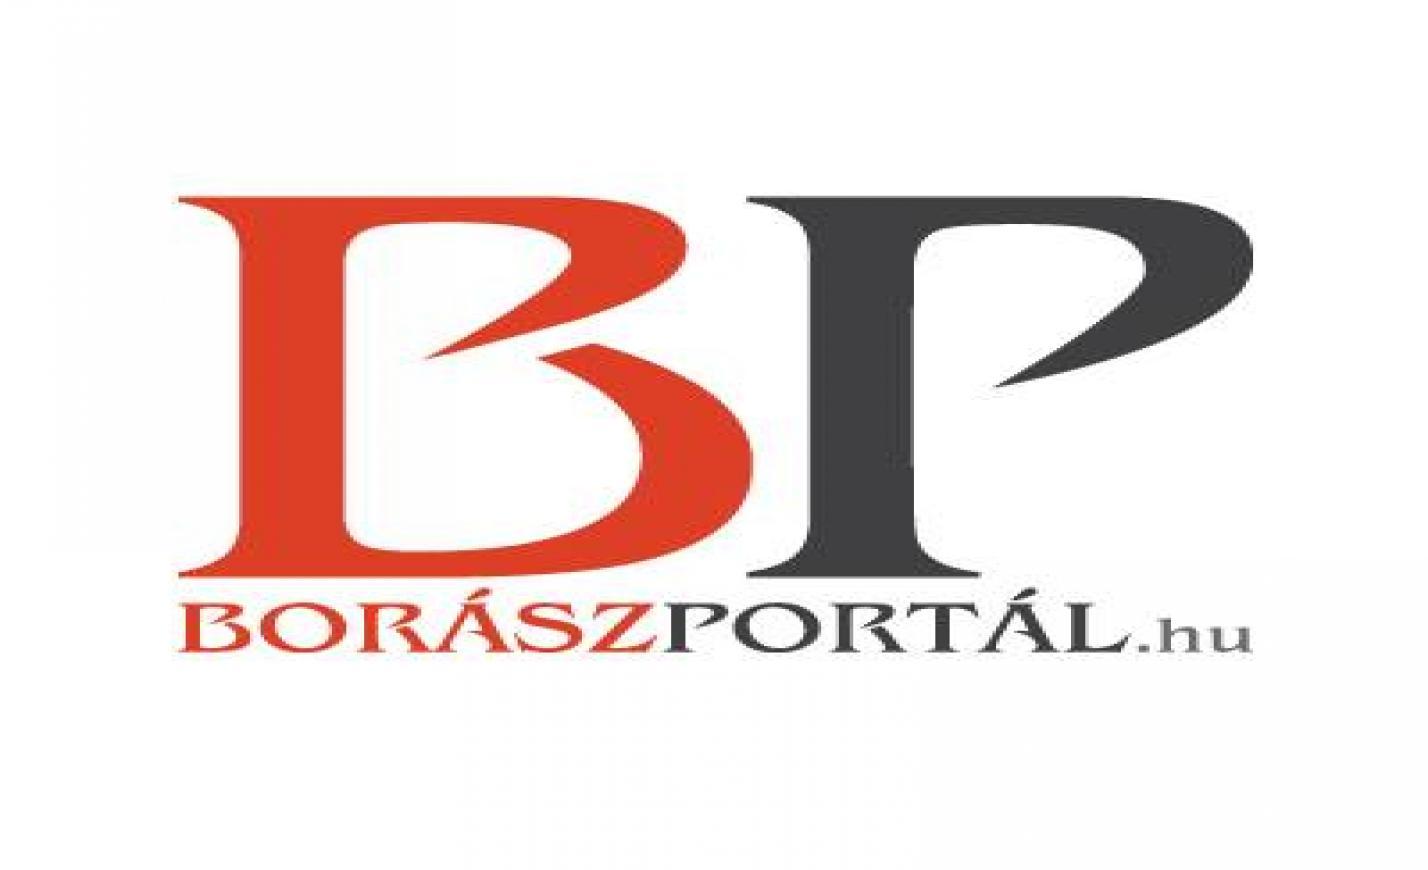 Tarolt a Balaton a bioborversenyen